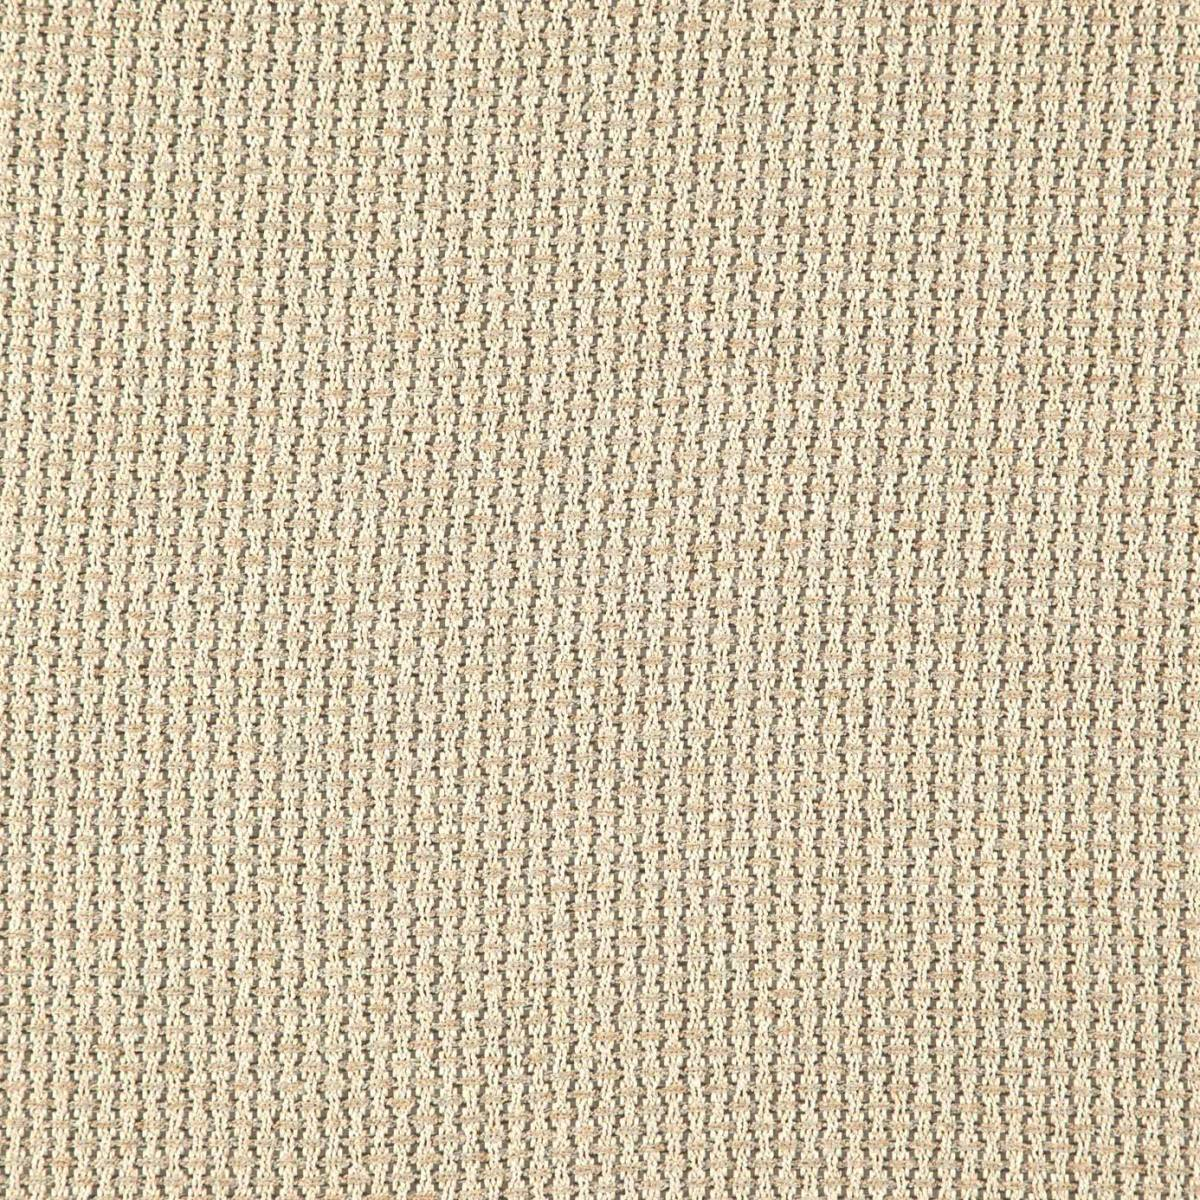 Caroni Fabric Harvest Caroni02 Wemyss Reflections